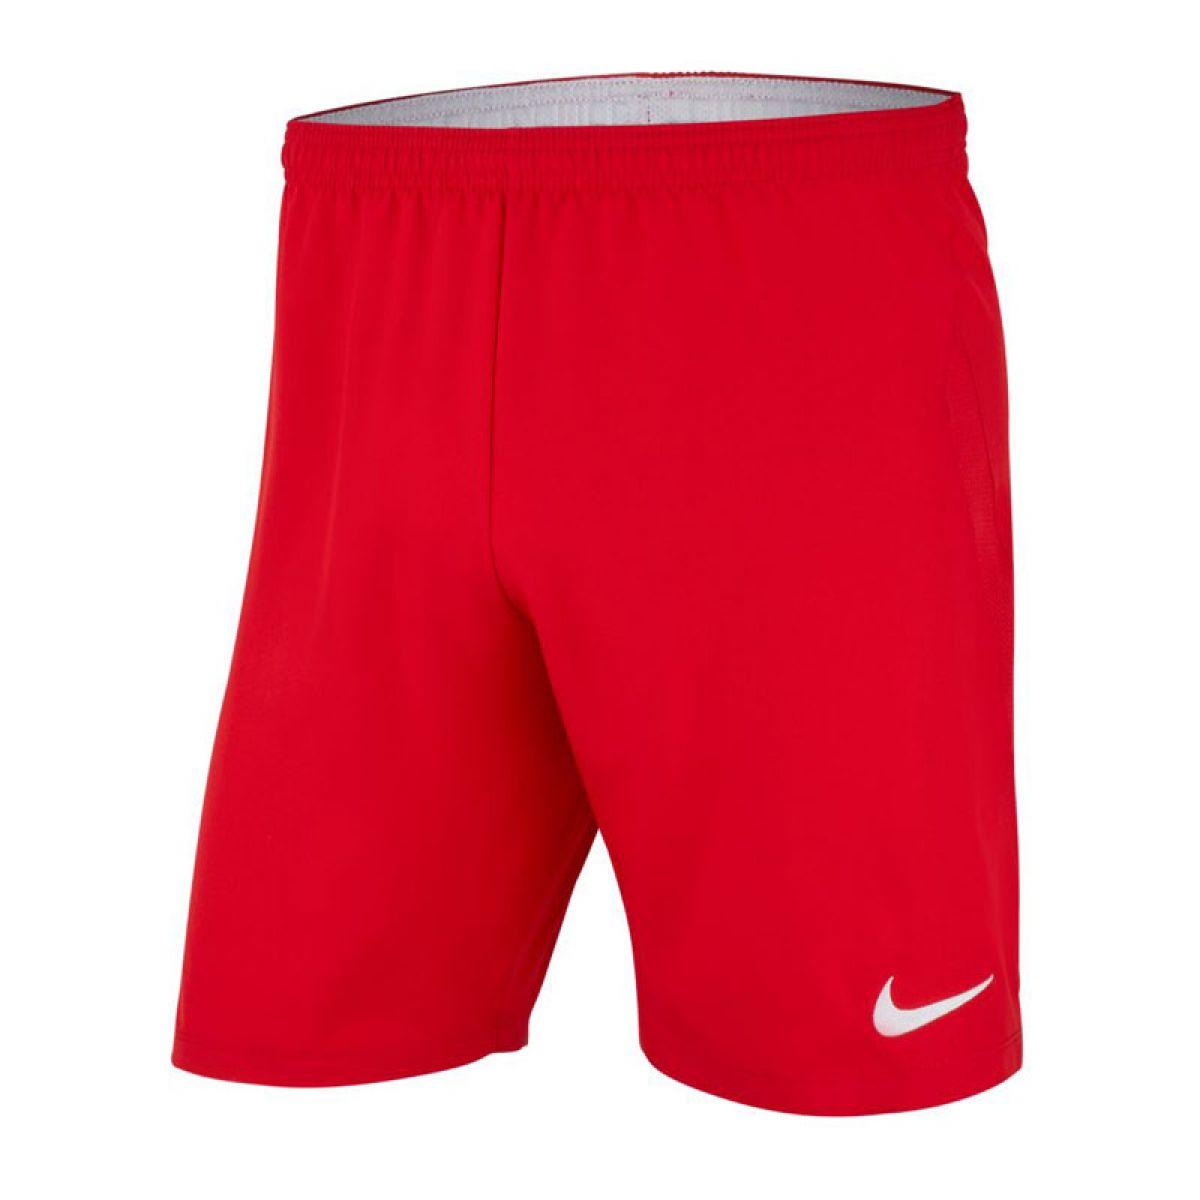 Short Nike Laser IV Rouge